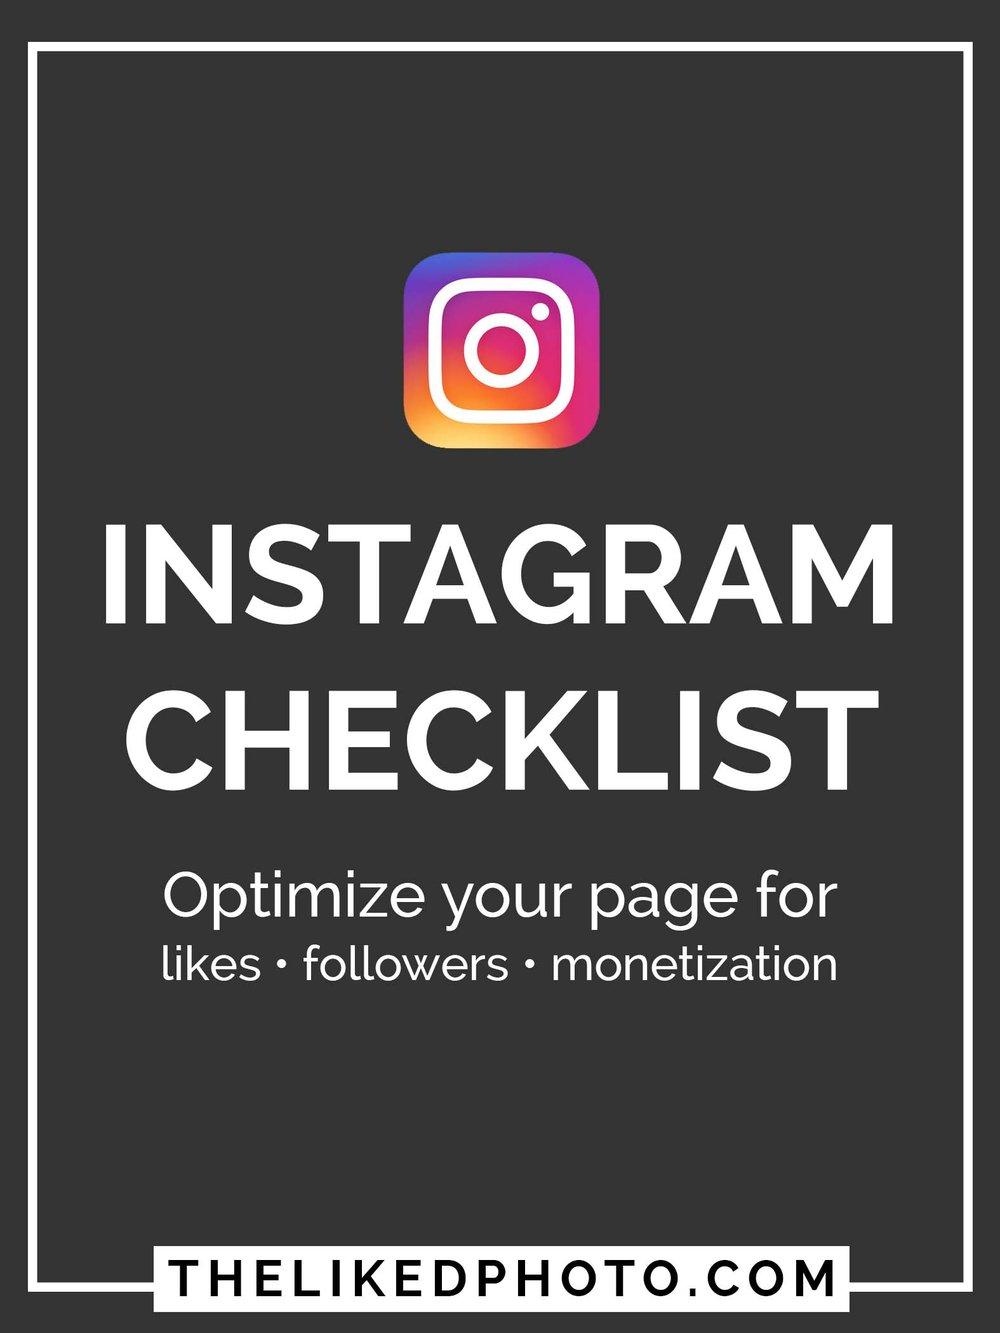 Instagramchecklist